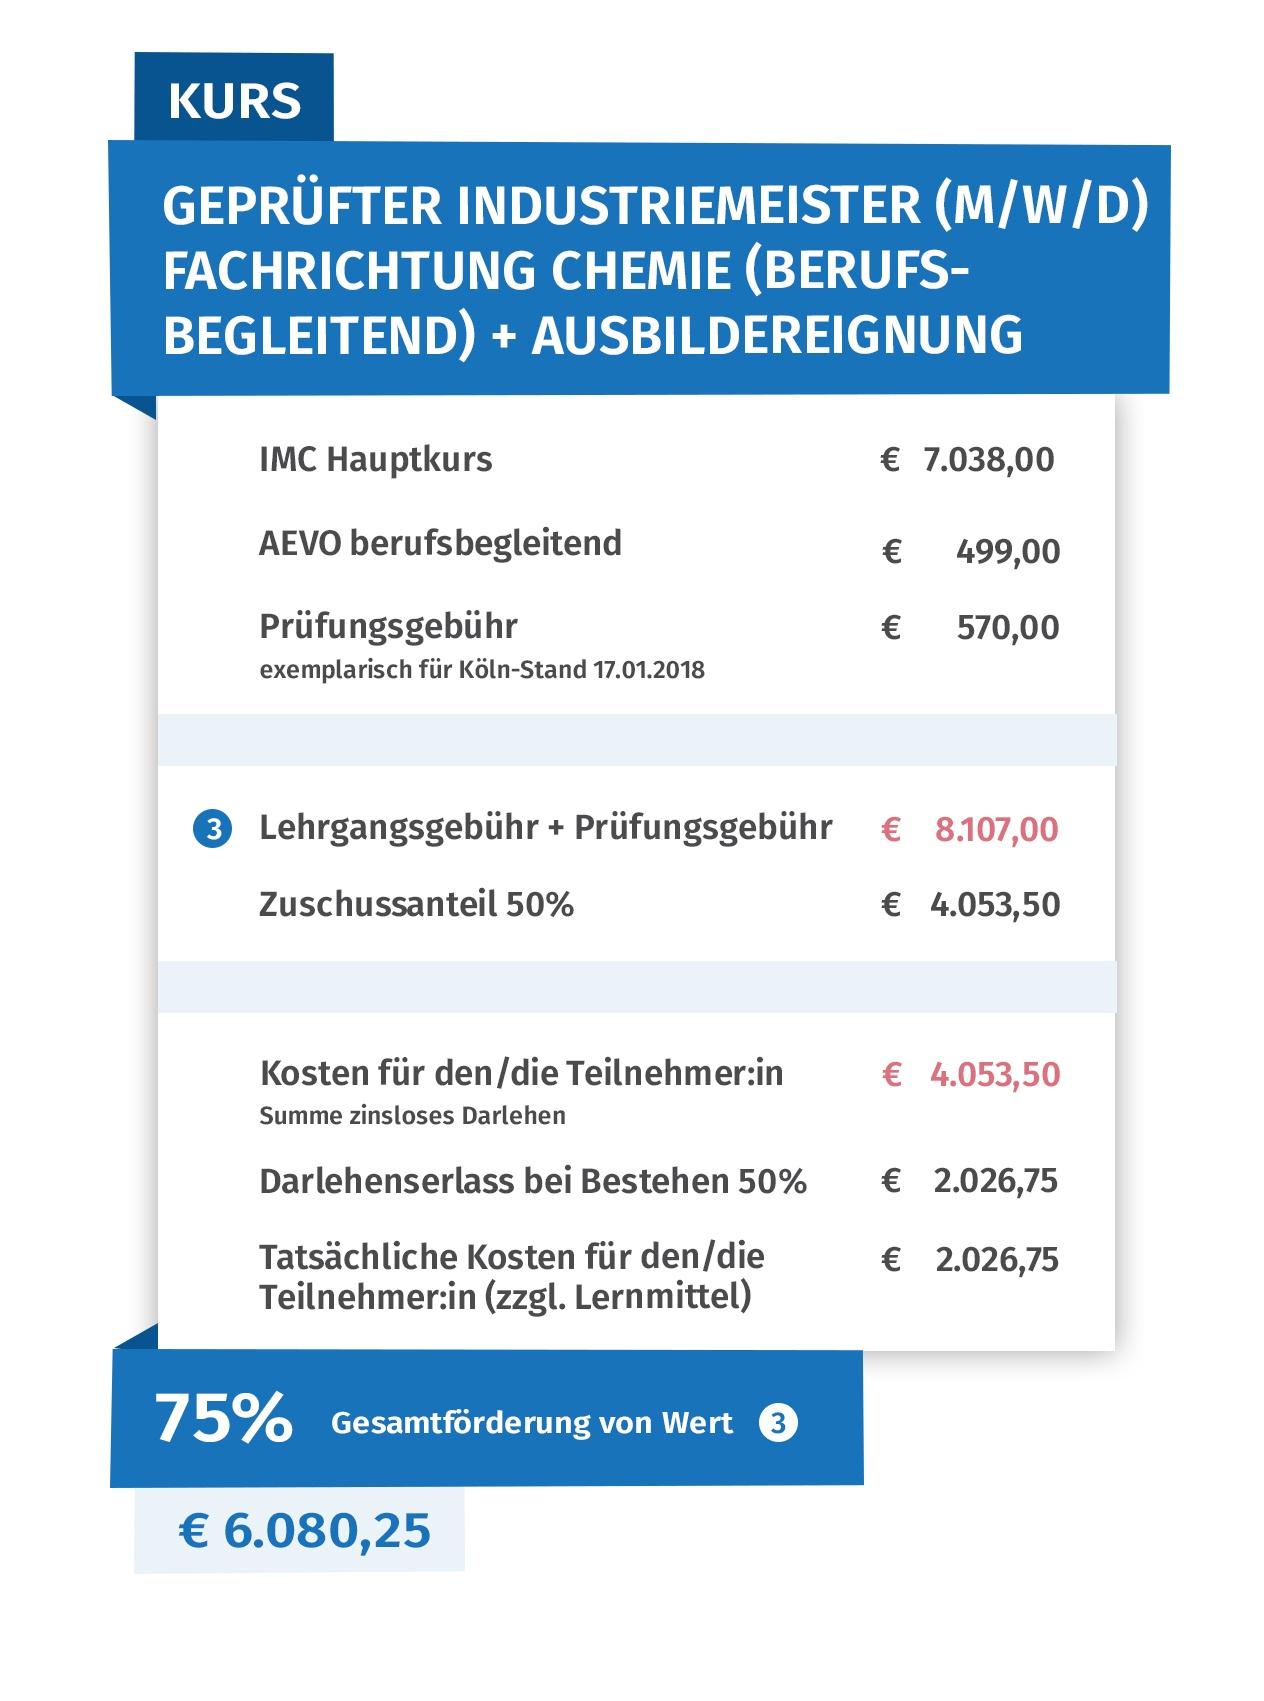 IMC berufsbegleitend AEVO